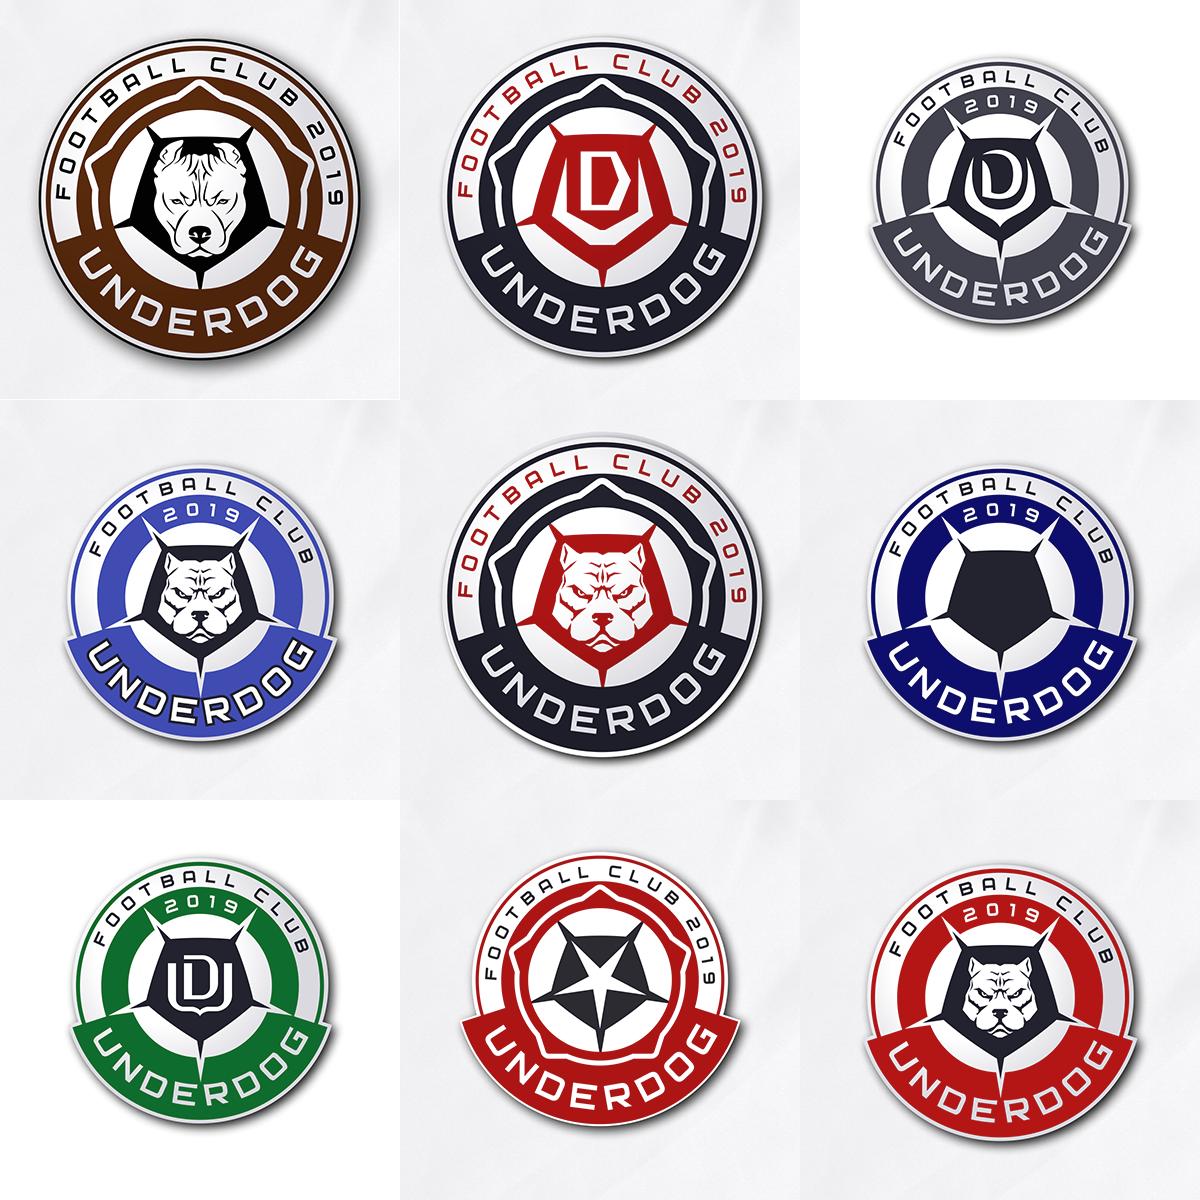 Футбольный клуб UNDERDOG - разработать фирстиль и бренд-бук фото f_5735cb2658426b0e.png